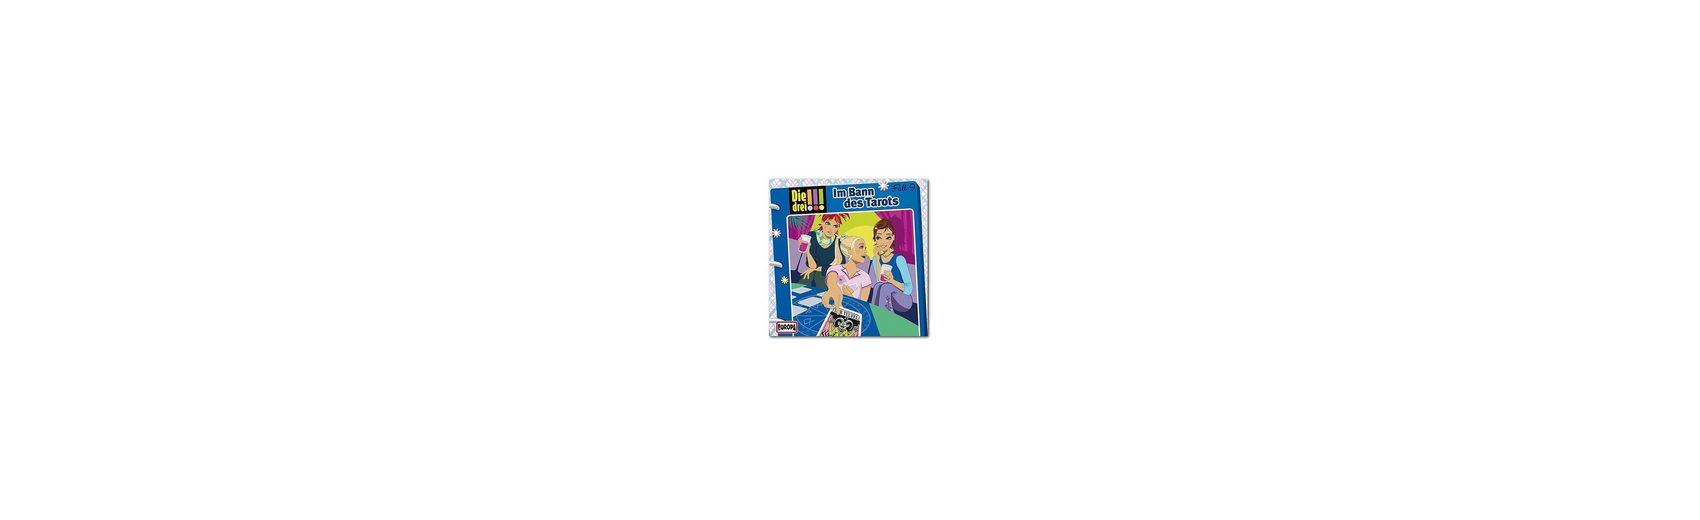 SONY BMG MUSIC CD Die Drei !!! 09 - Im Bann des Tarots